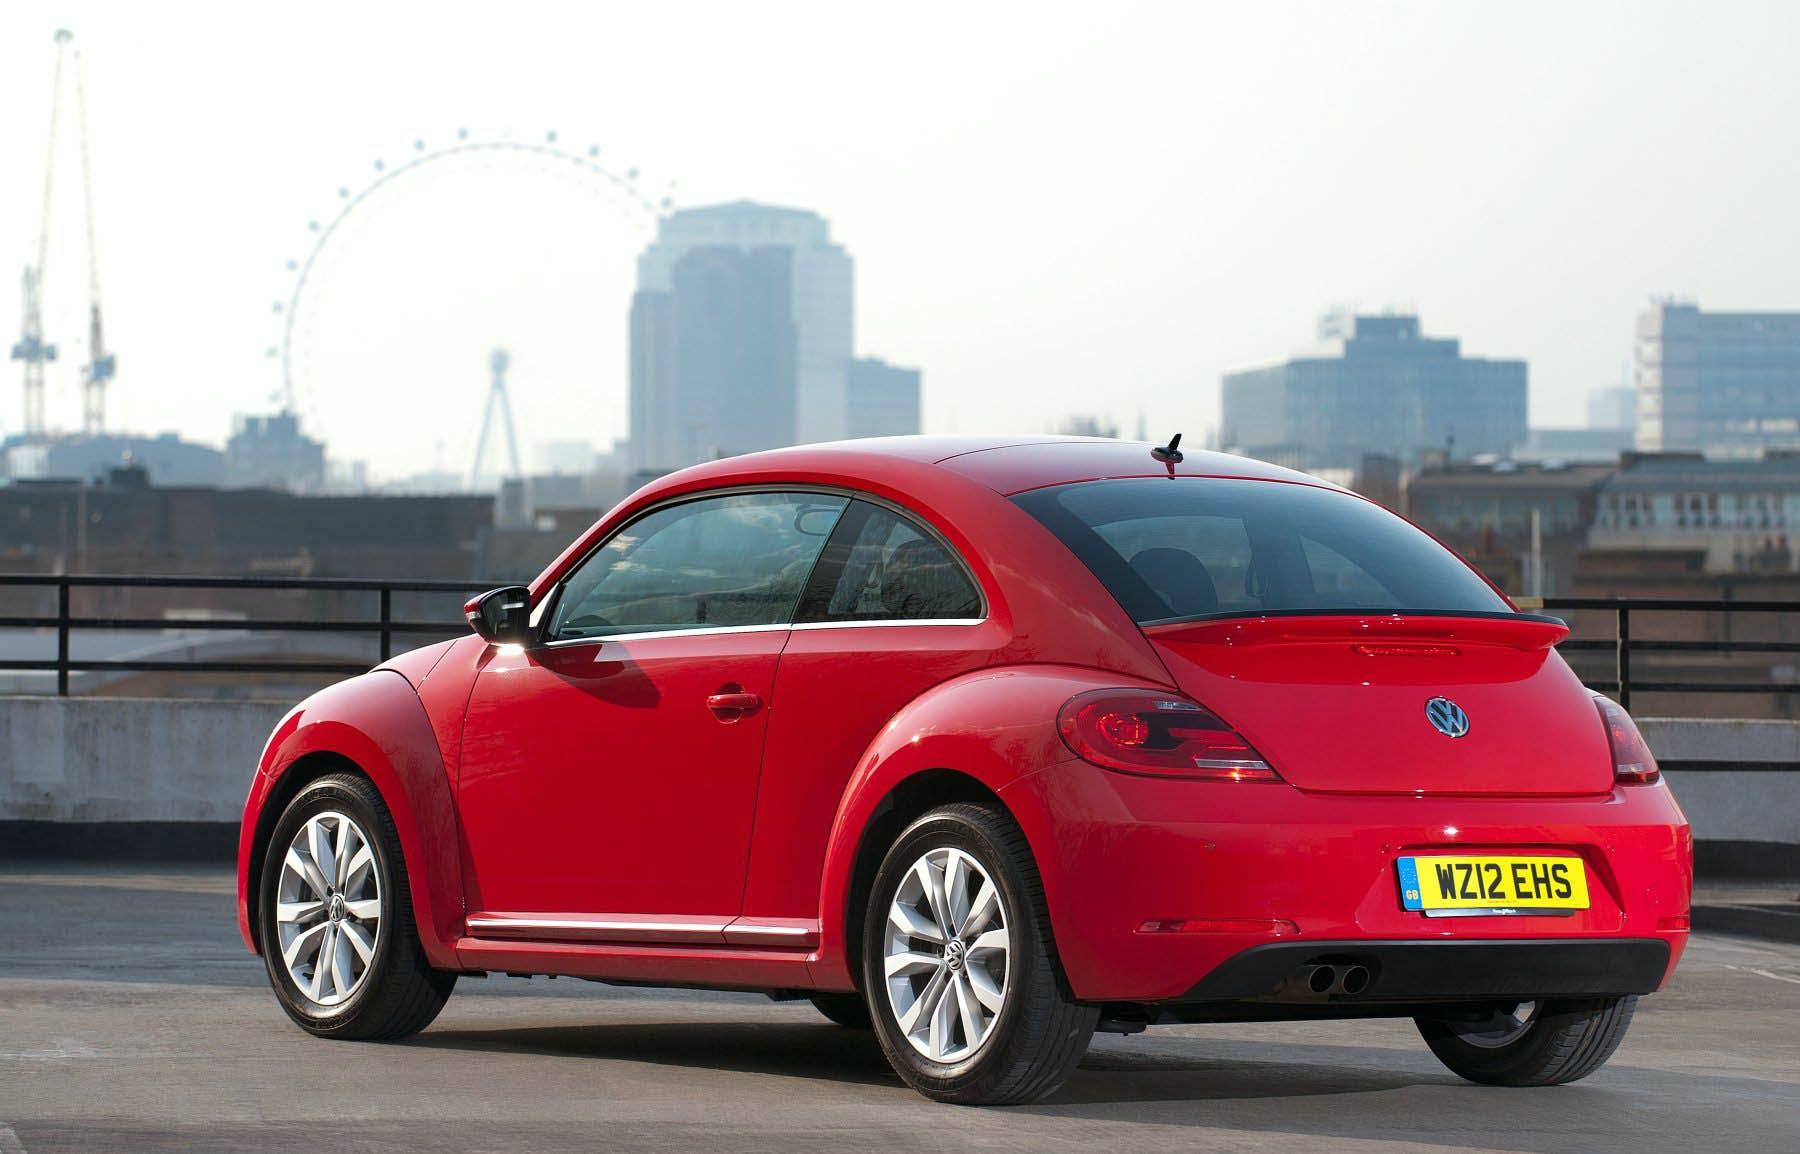 New Volkswagen Beetle For Sale Beadles Volkswagen